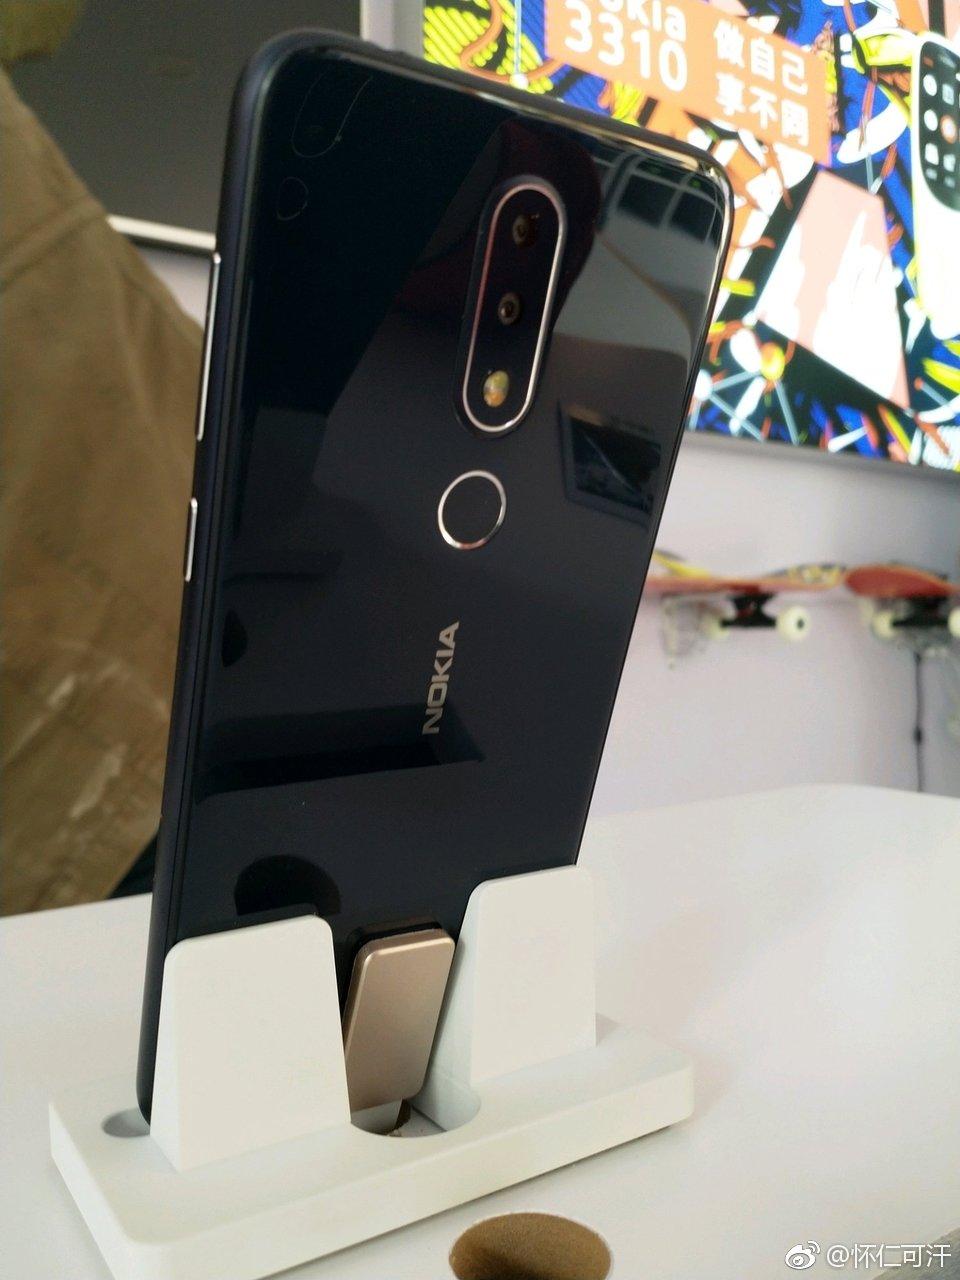 Nokia X空降三里屯 曾经的信仰也加入了刘海屏 - 热点资讯 好物资讯 第3张